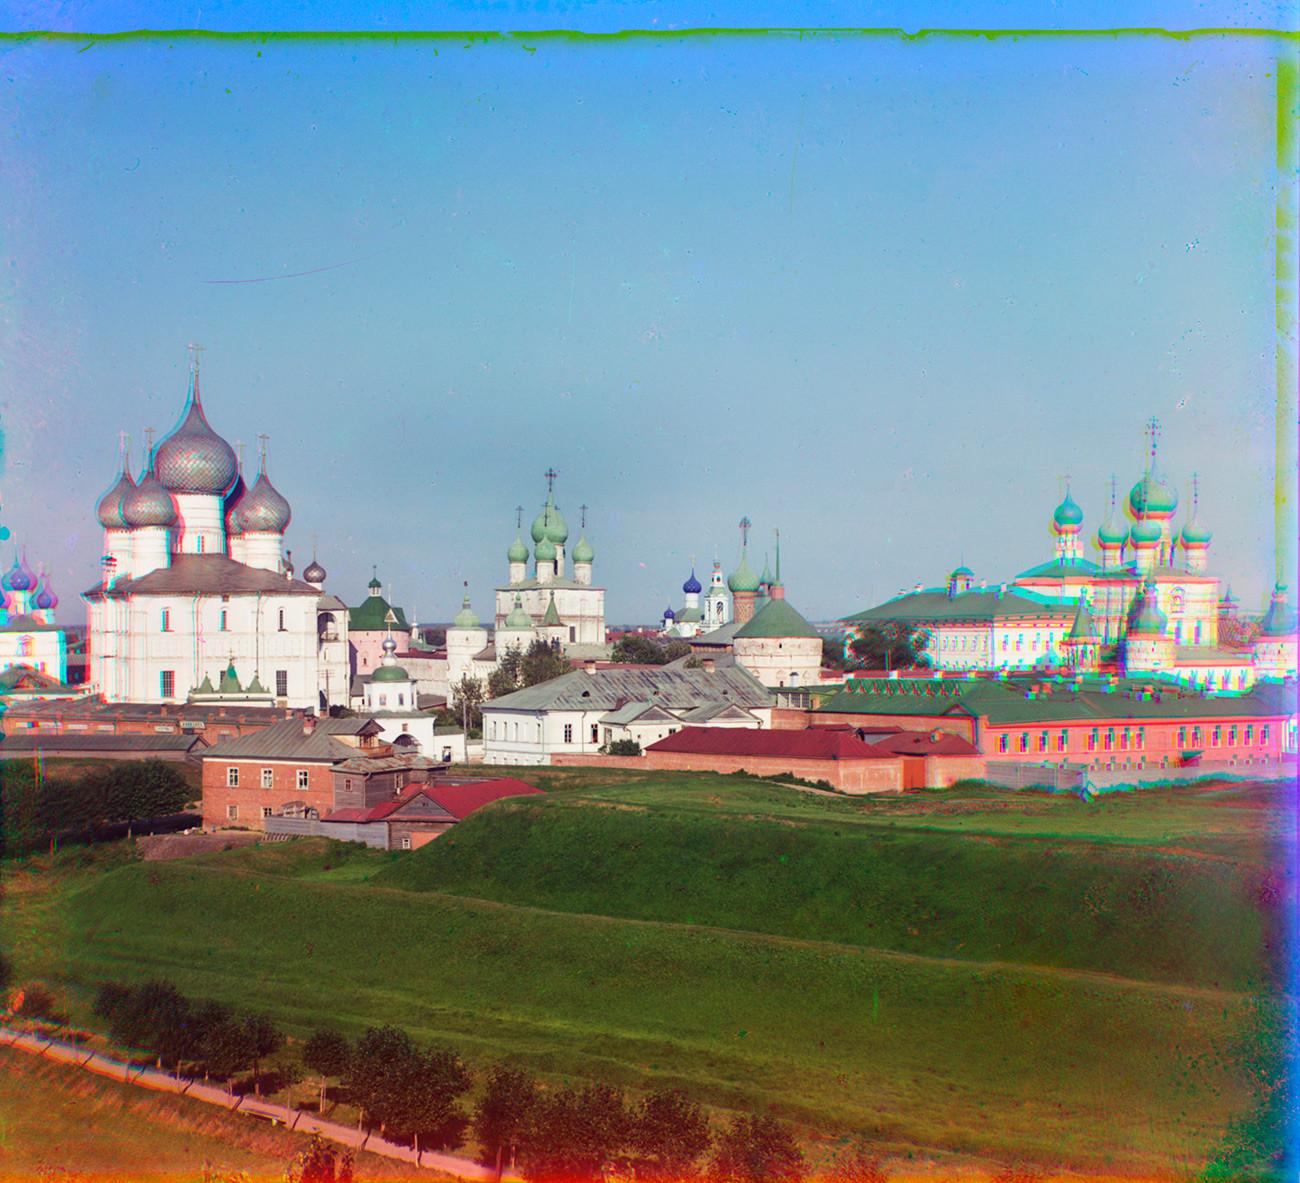 Cremlino di Rostov Velikij. Vista nord-ovest dal campanile della chiesa di Ognissanti (ora distrutta). Da sinistra: Cattedrale della Dormizione, Chiesa della Resurrezione sopra la Porta Nord, Chiesa di San Giovanni il Divino sopra la Porta Ovest. Estate 1911